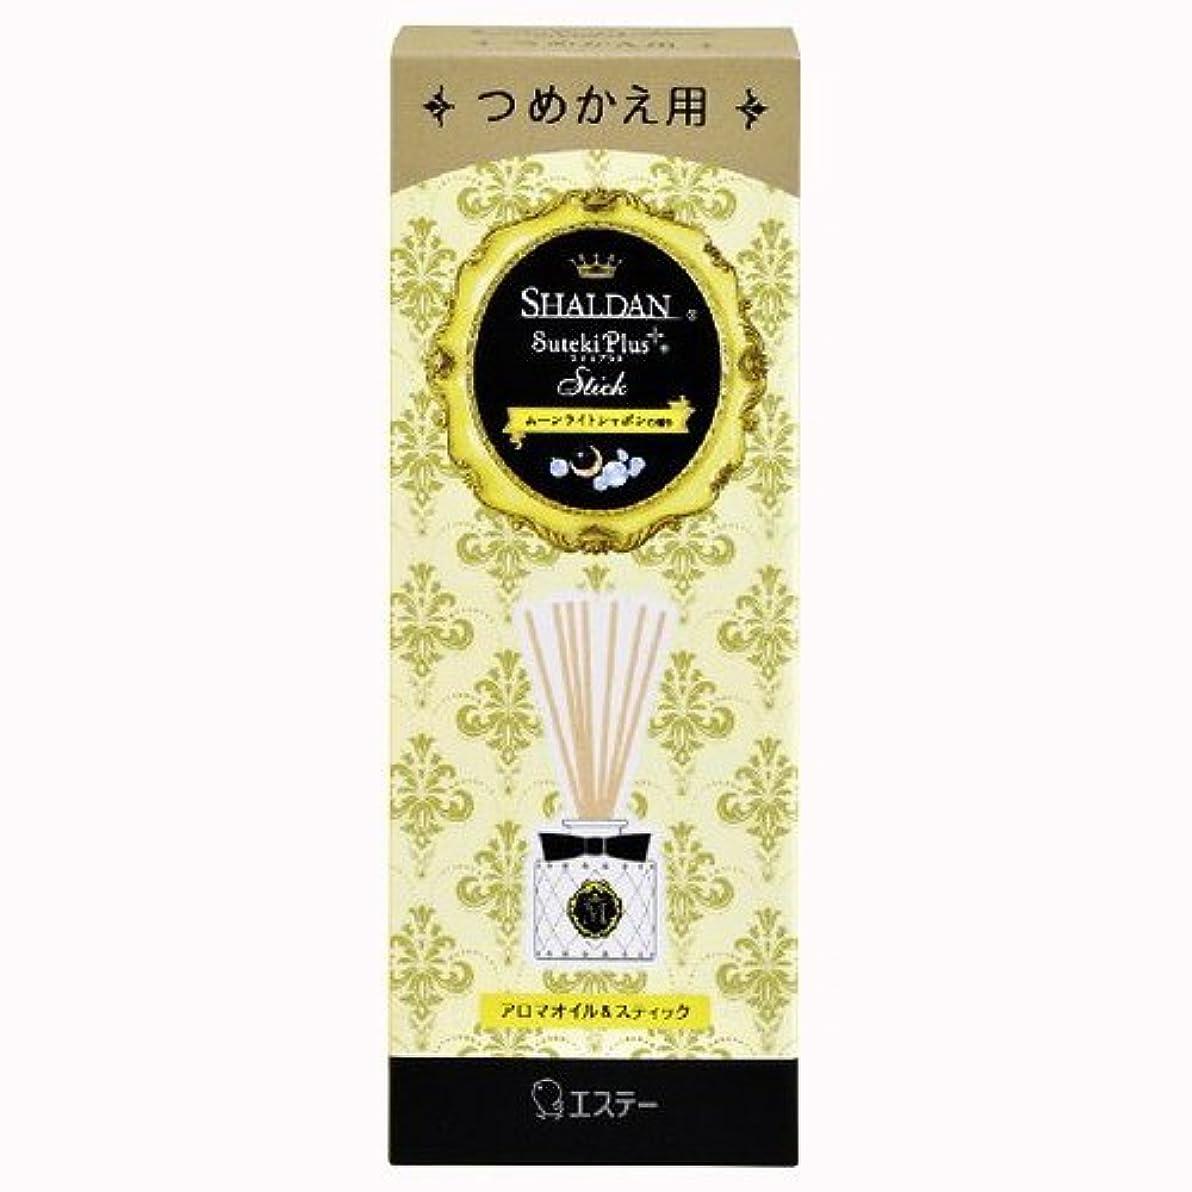 免除するオペレーターパッチSHALDAN(シャルダン) ステキプラス Stick つめかえ ムーンライトシャボンの香り × 5個セット